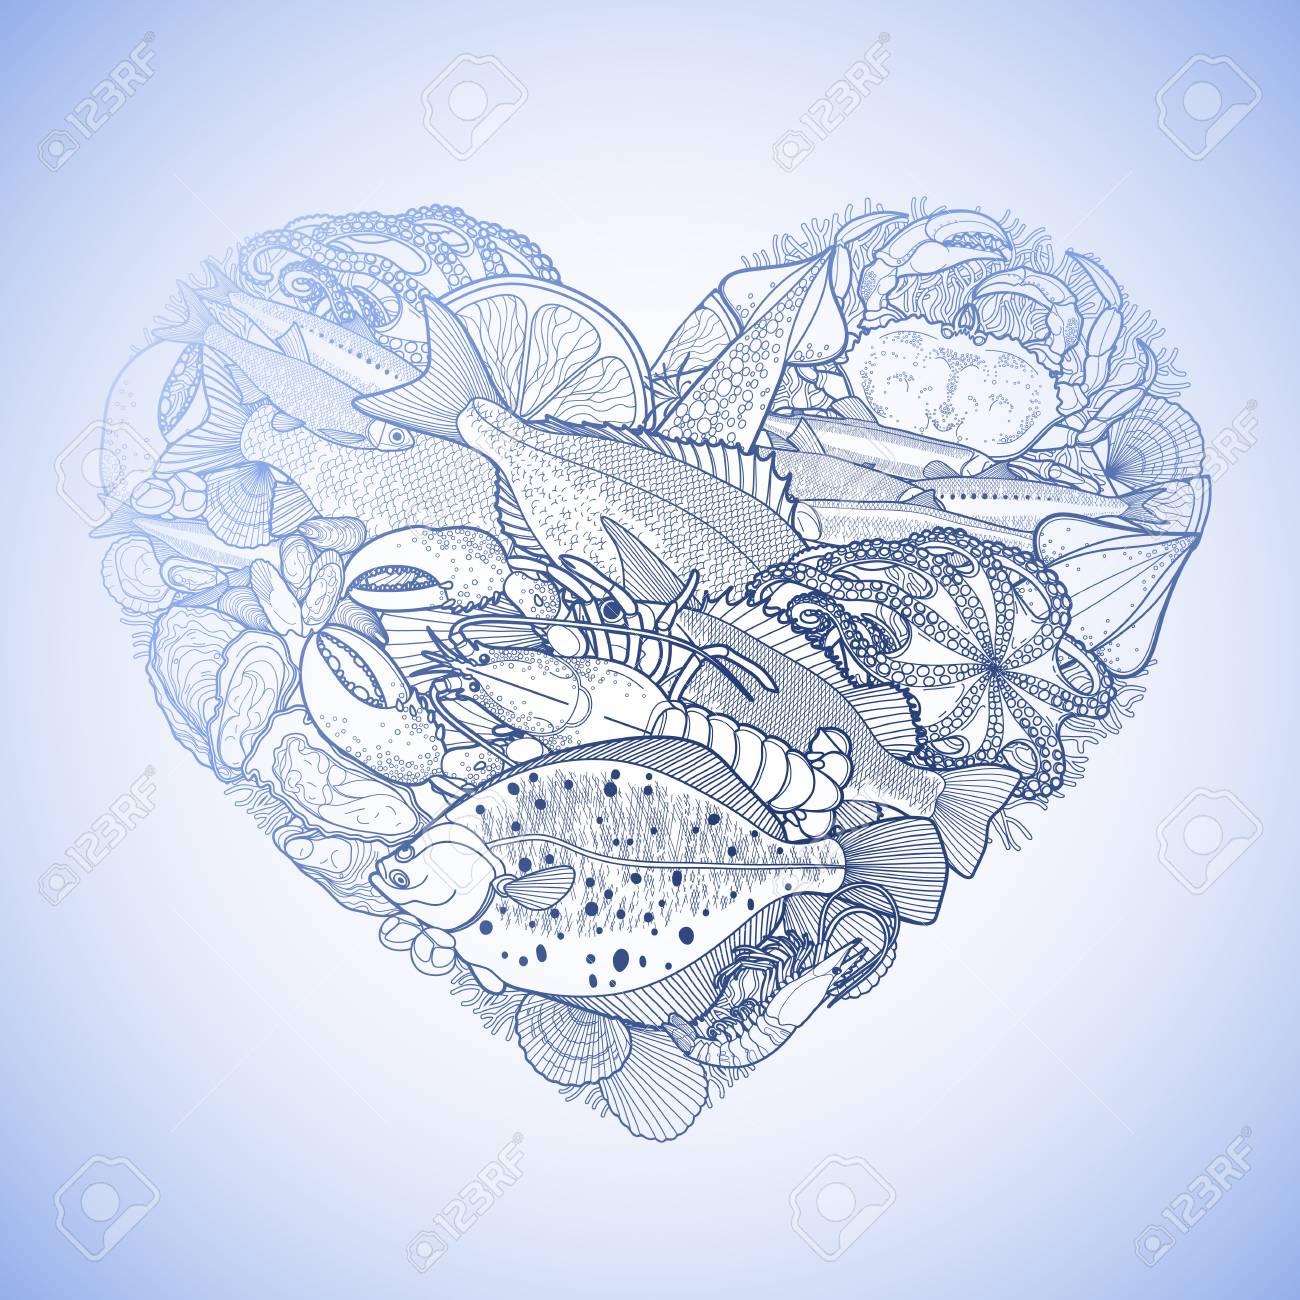 Marisco Gráfica En Forma De Corazón. Mar Y Océano Criaturas Aisladas ...